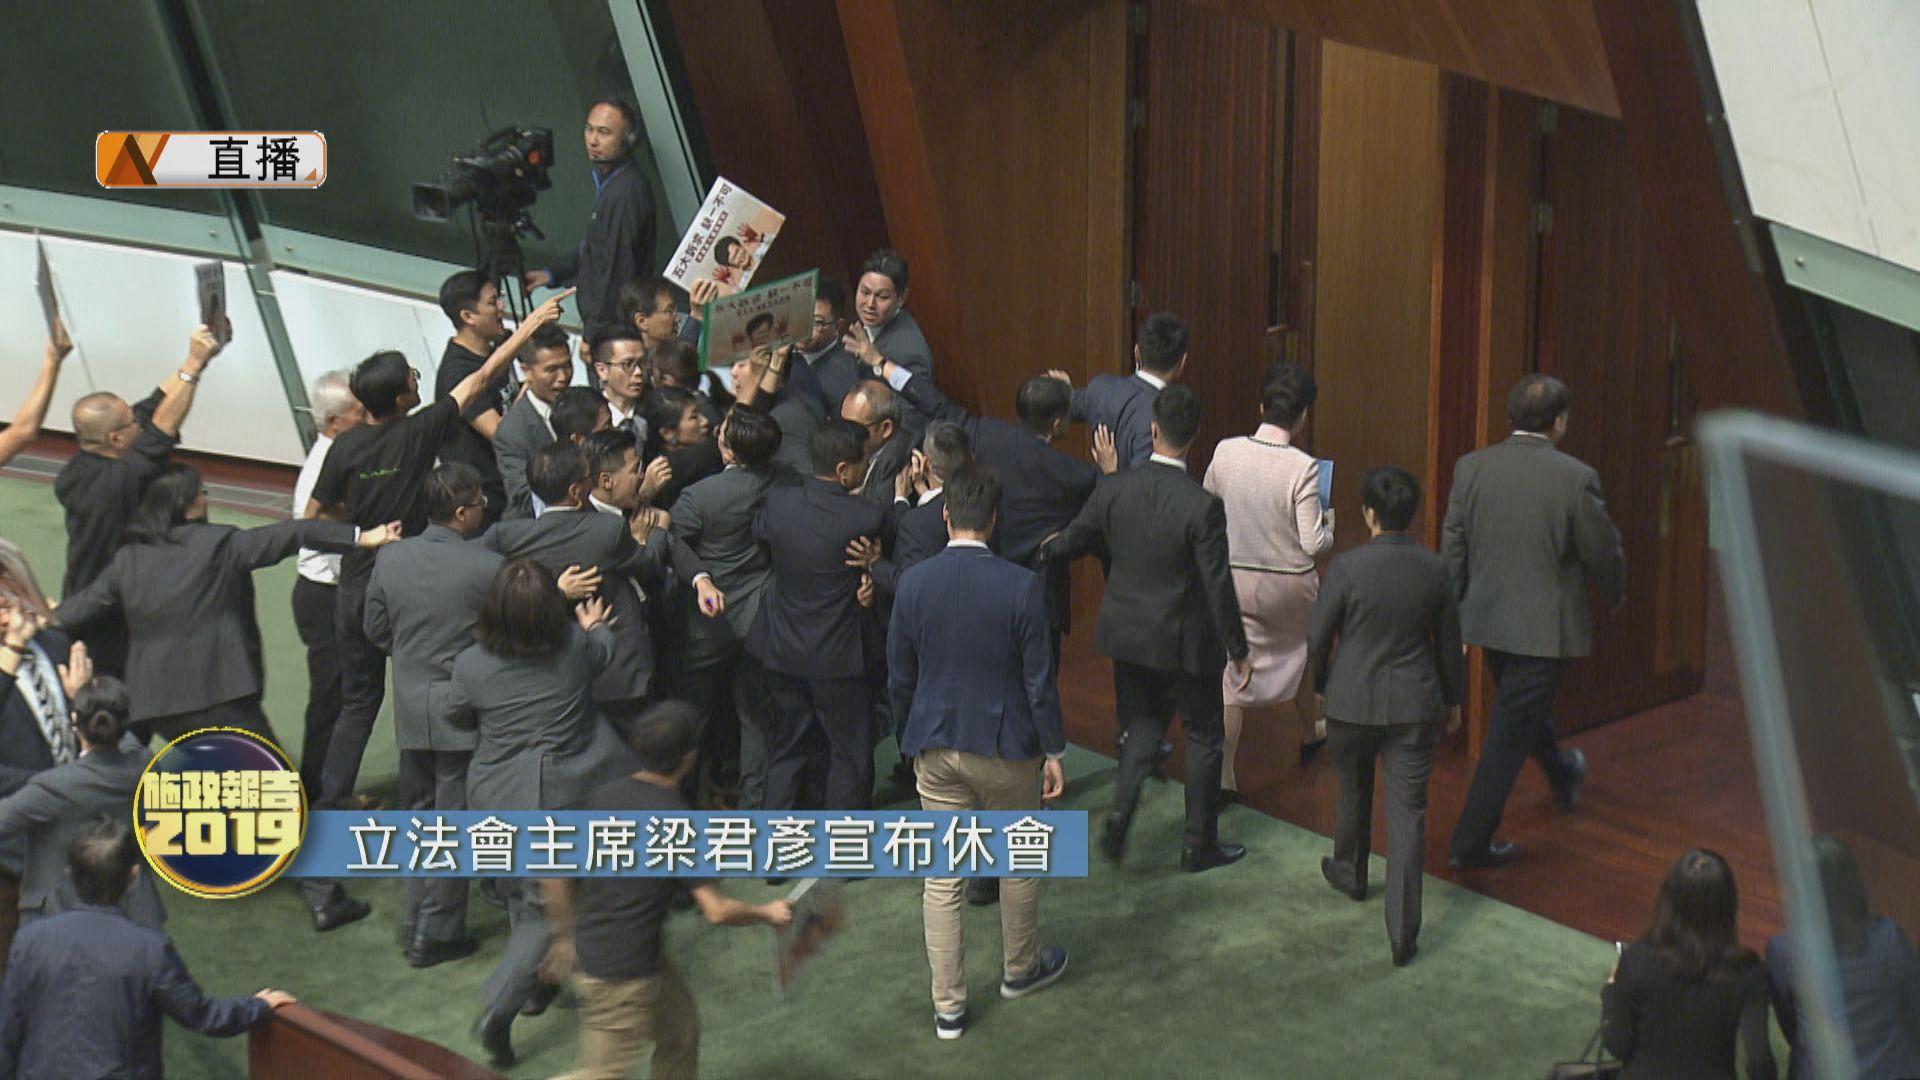 【最新】民主派打斷林鄭宣讀施政報告 主席梁君彥宣布休會